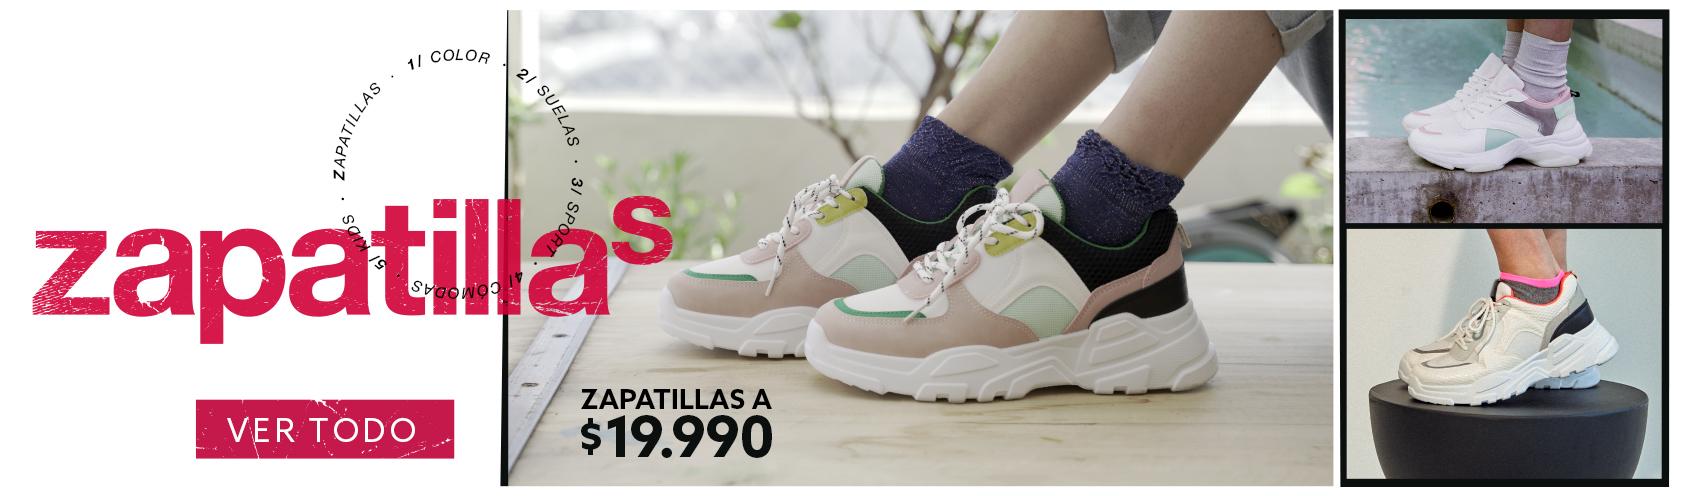 Zapatillas a $19.990